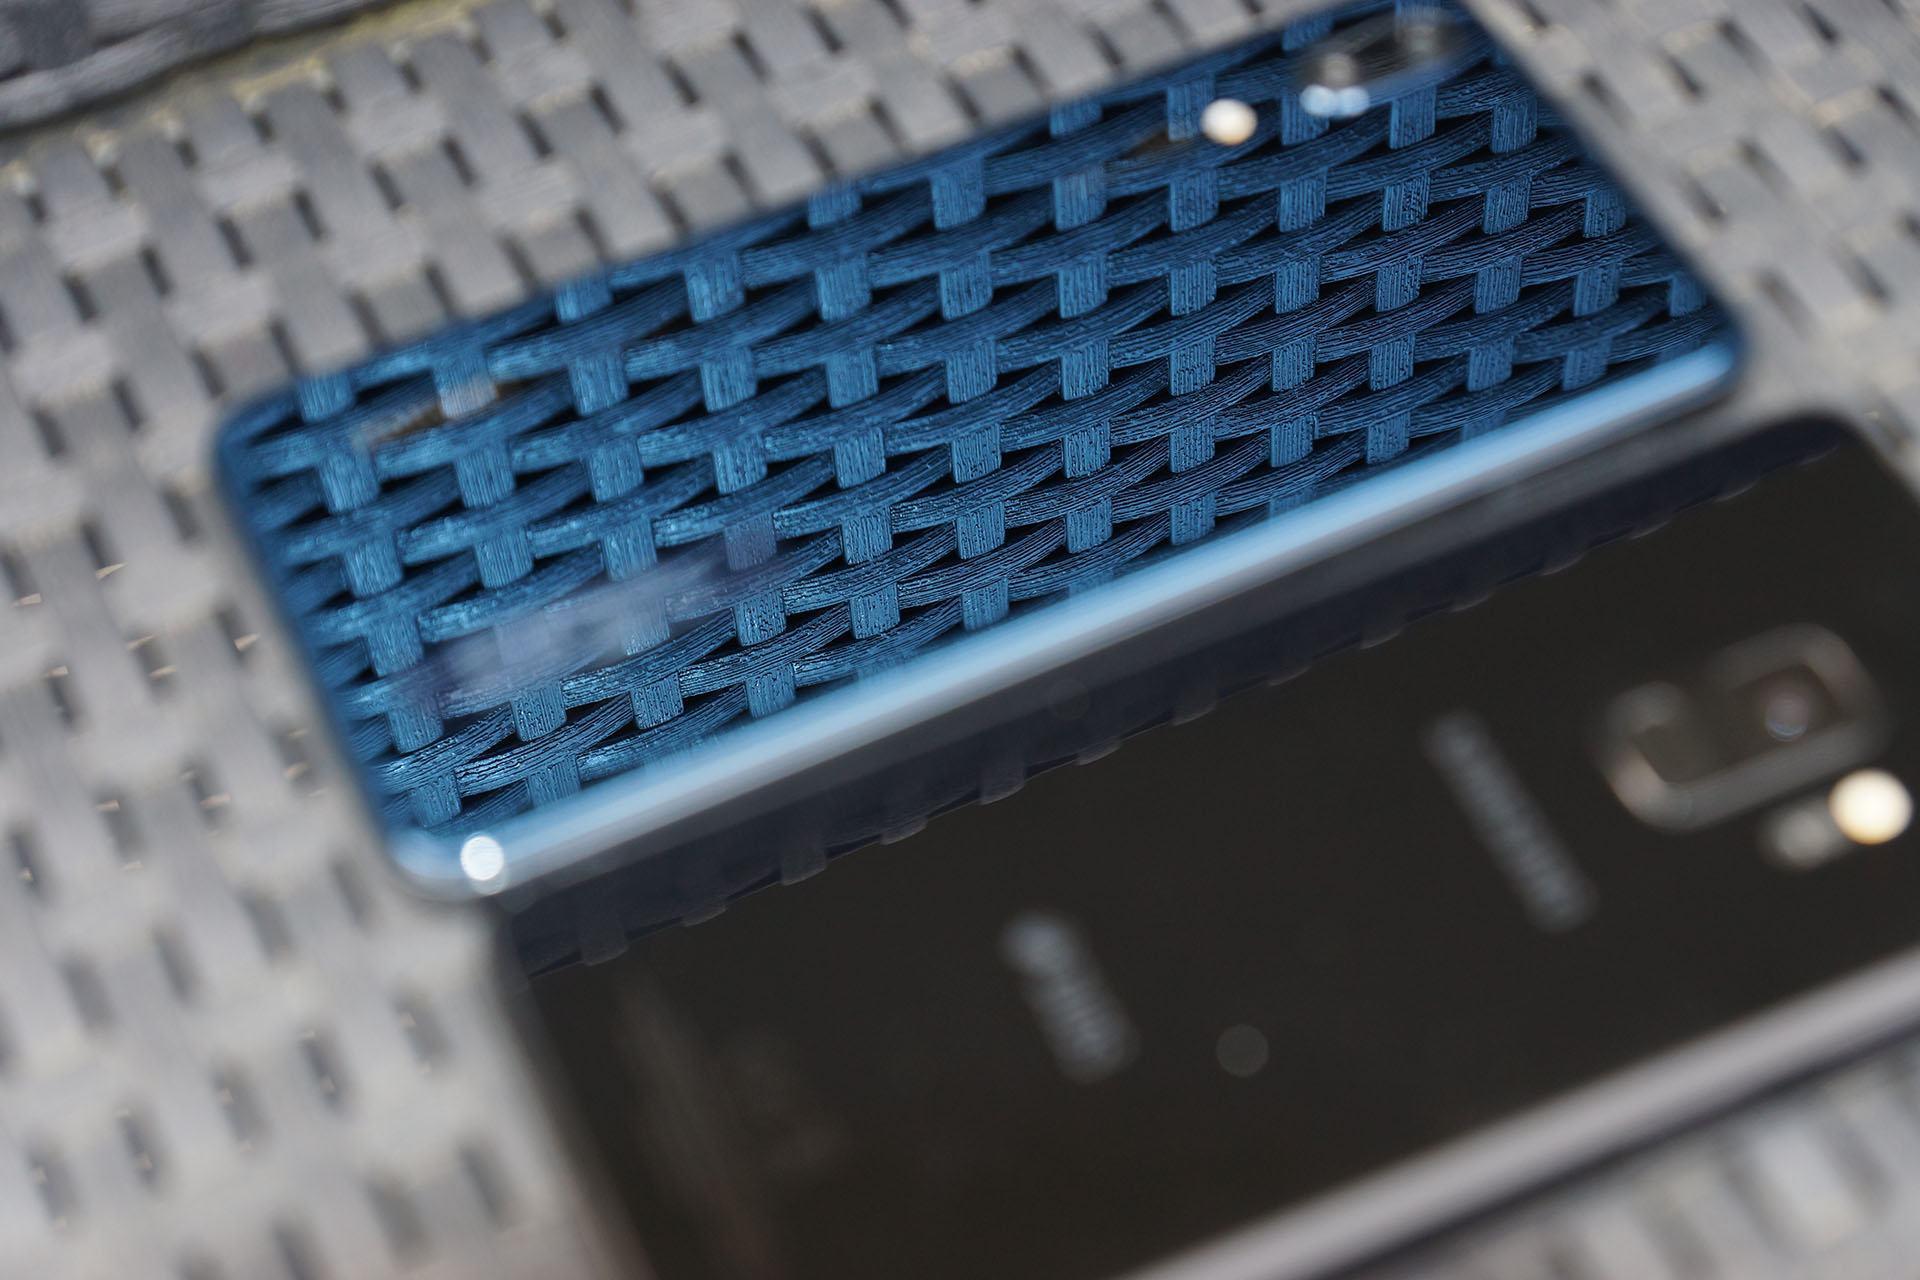 Huawei P20 zum Test eingetroffen, erste Bilder und Eindrücke 13